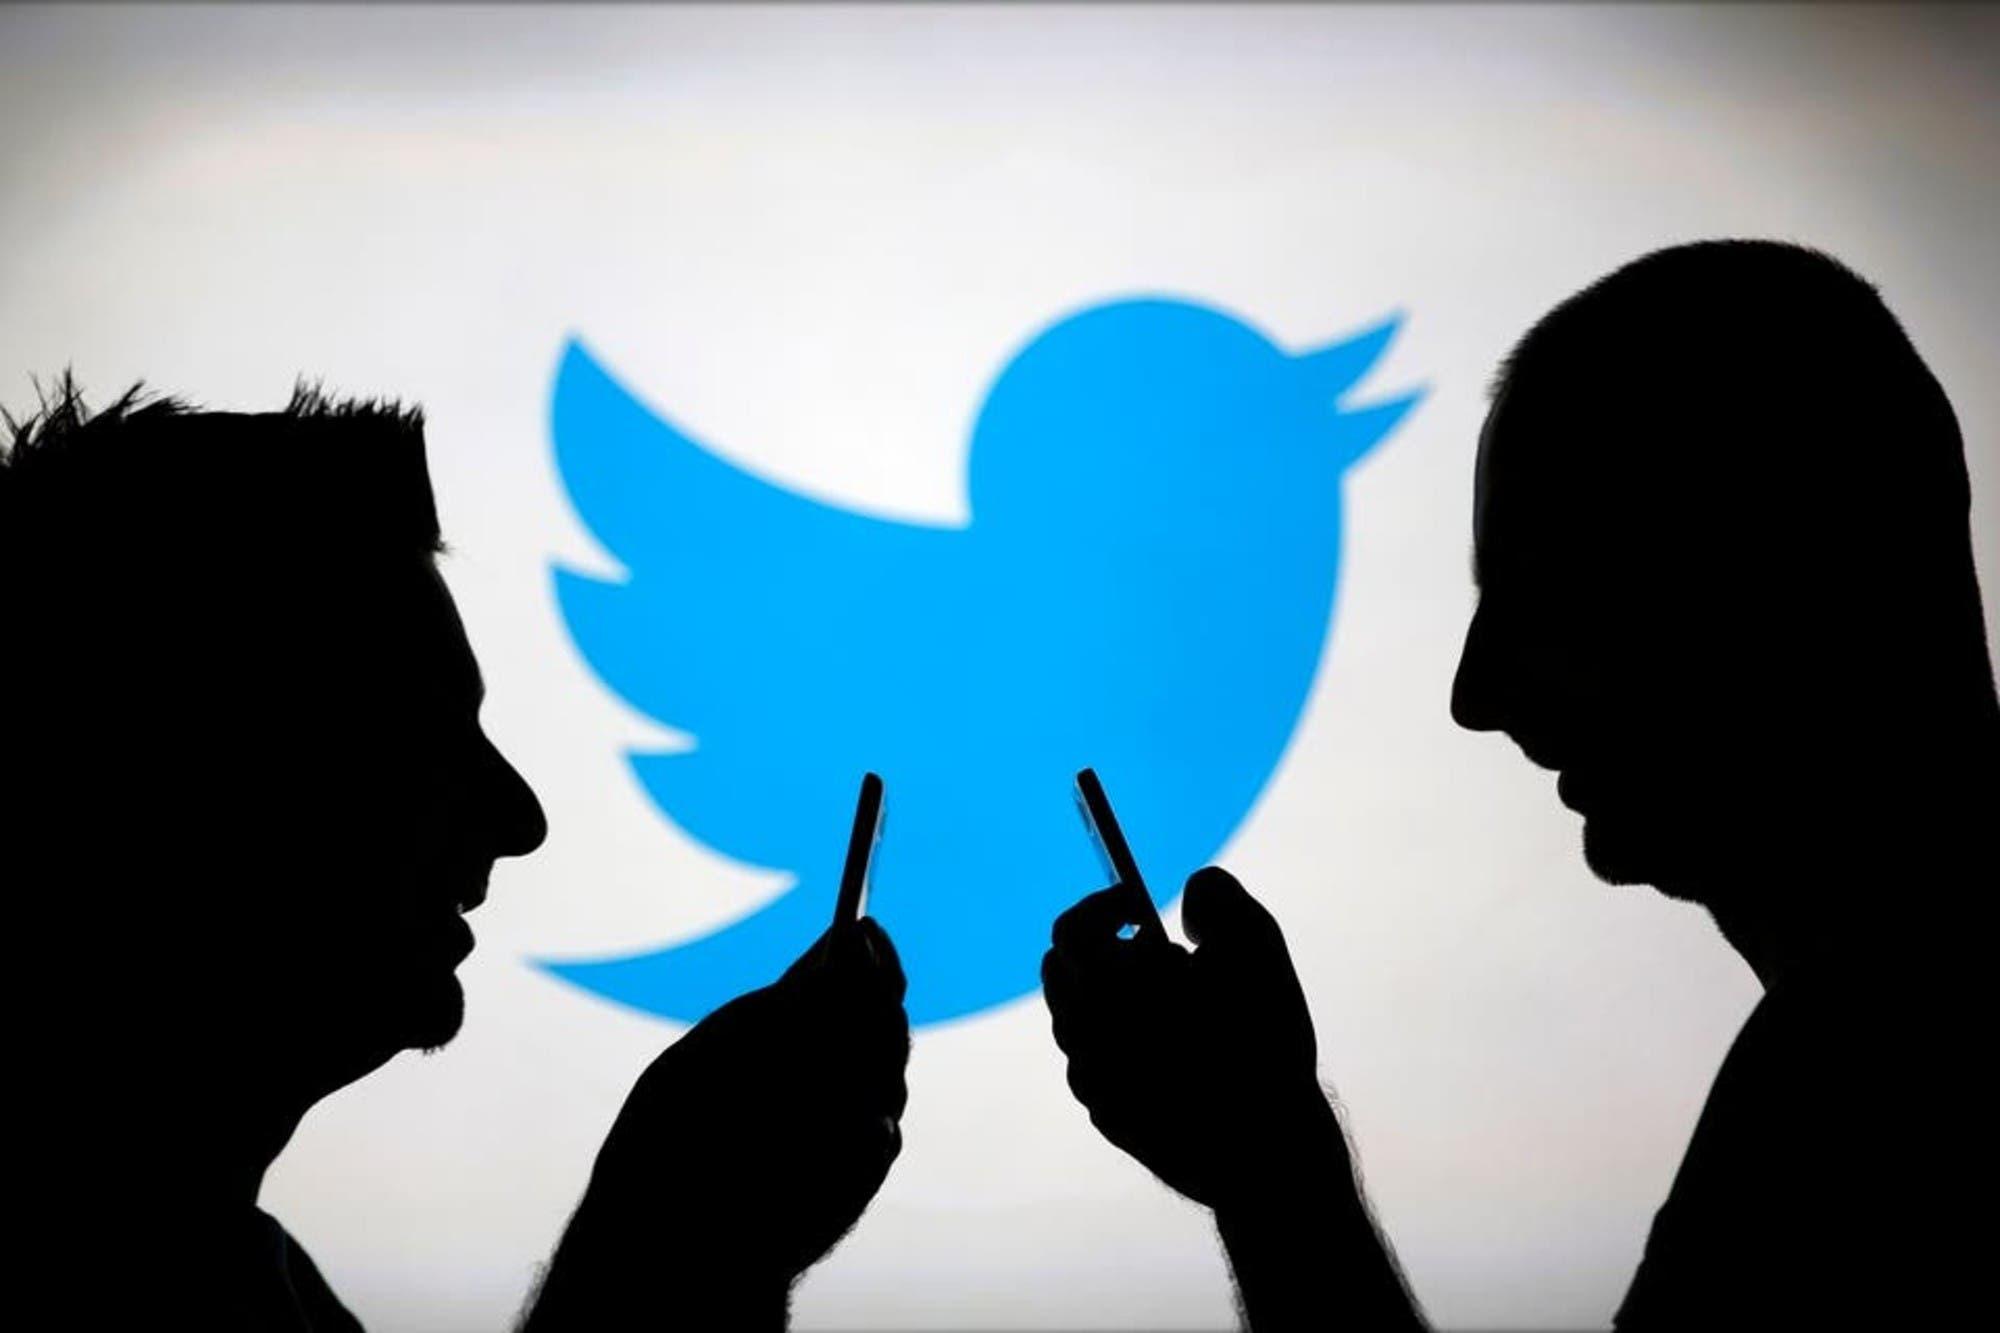 Qué fue lo más popular en Twitter para los argentinos durante 2019